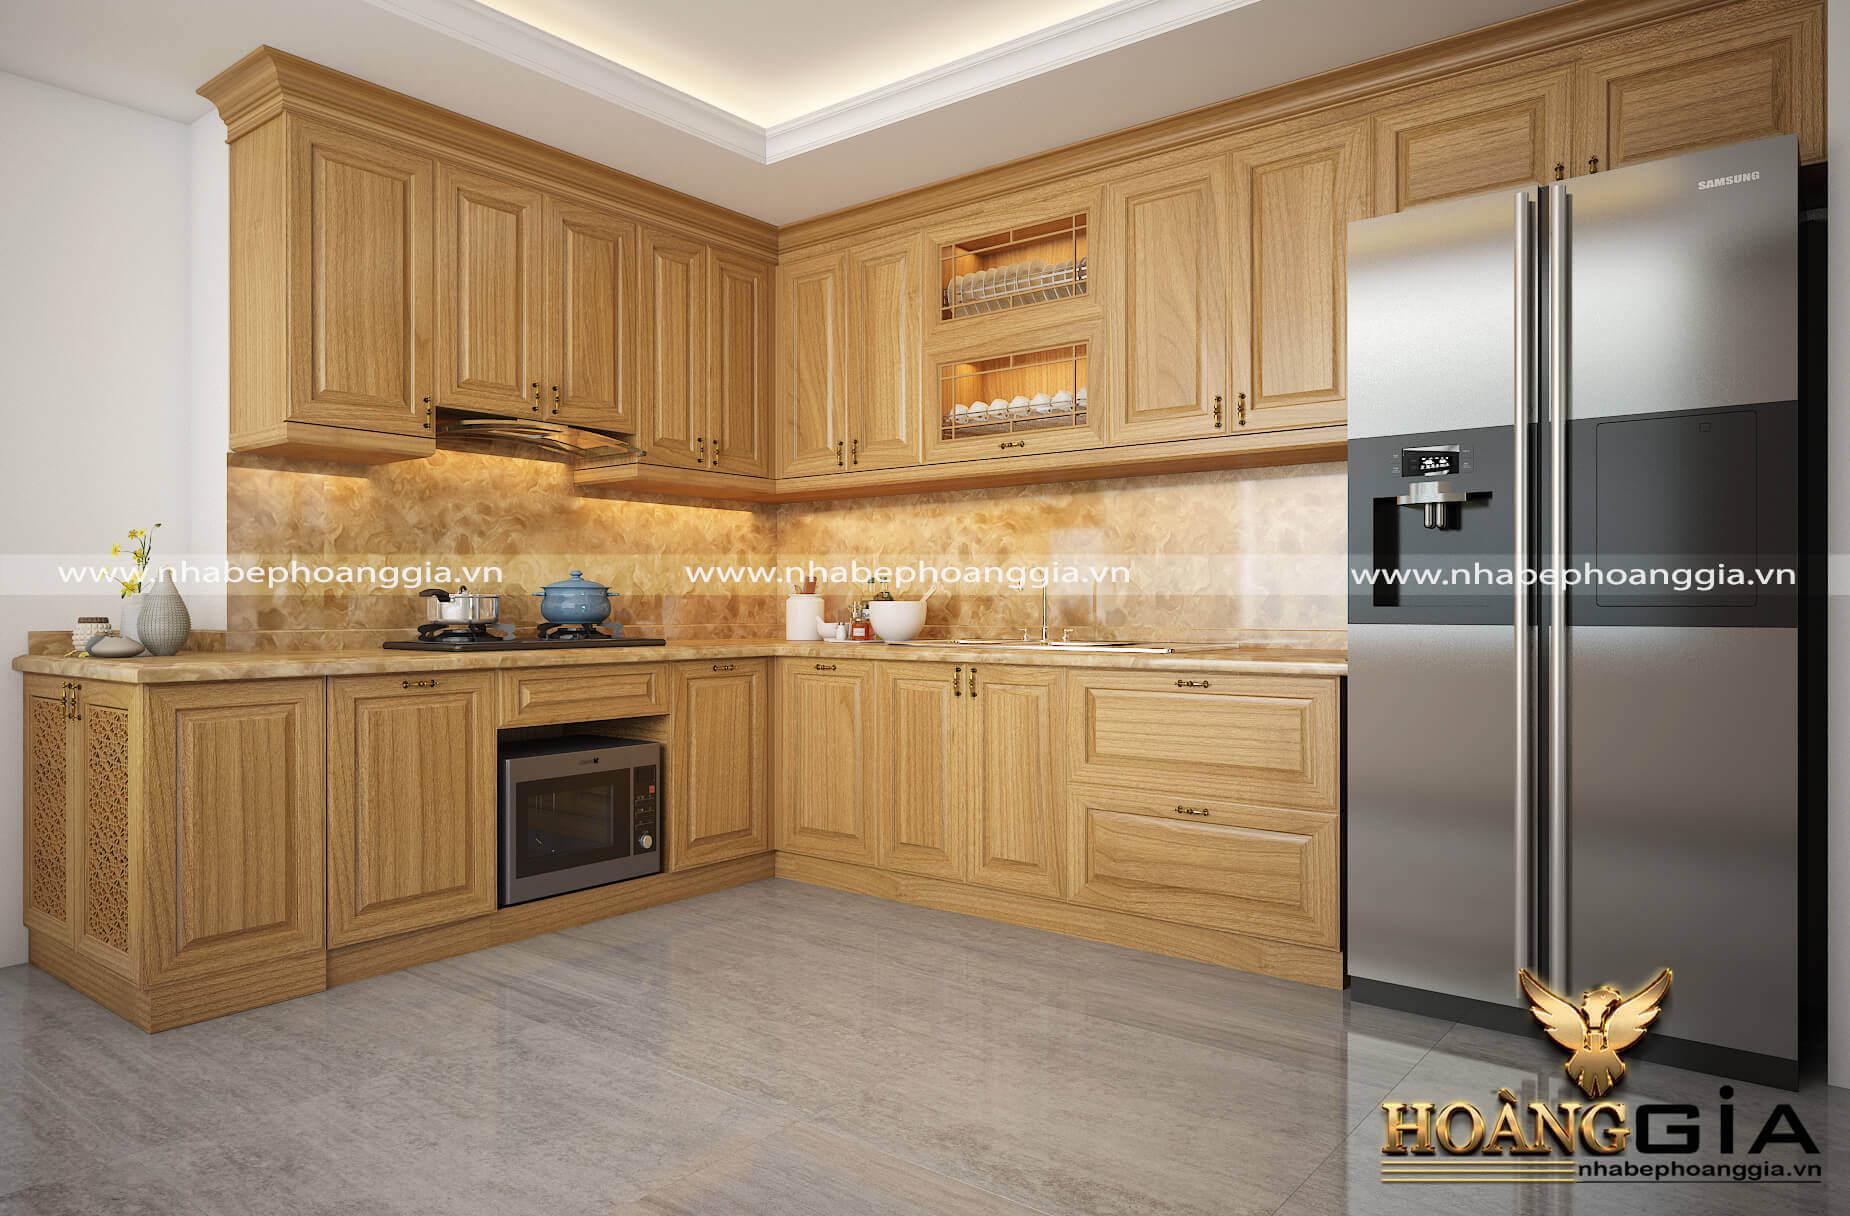 thiết kế tủ bếp nhà phố đẹp